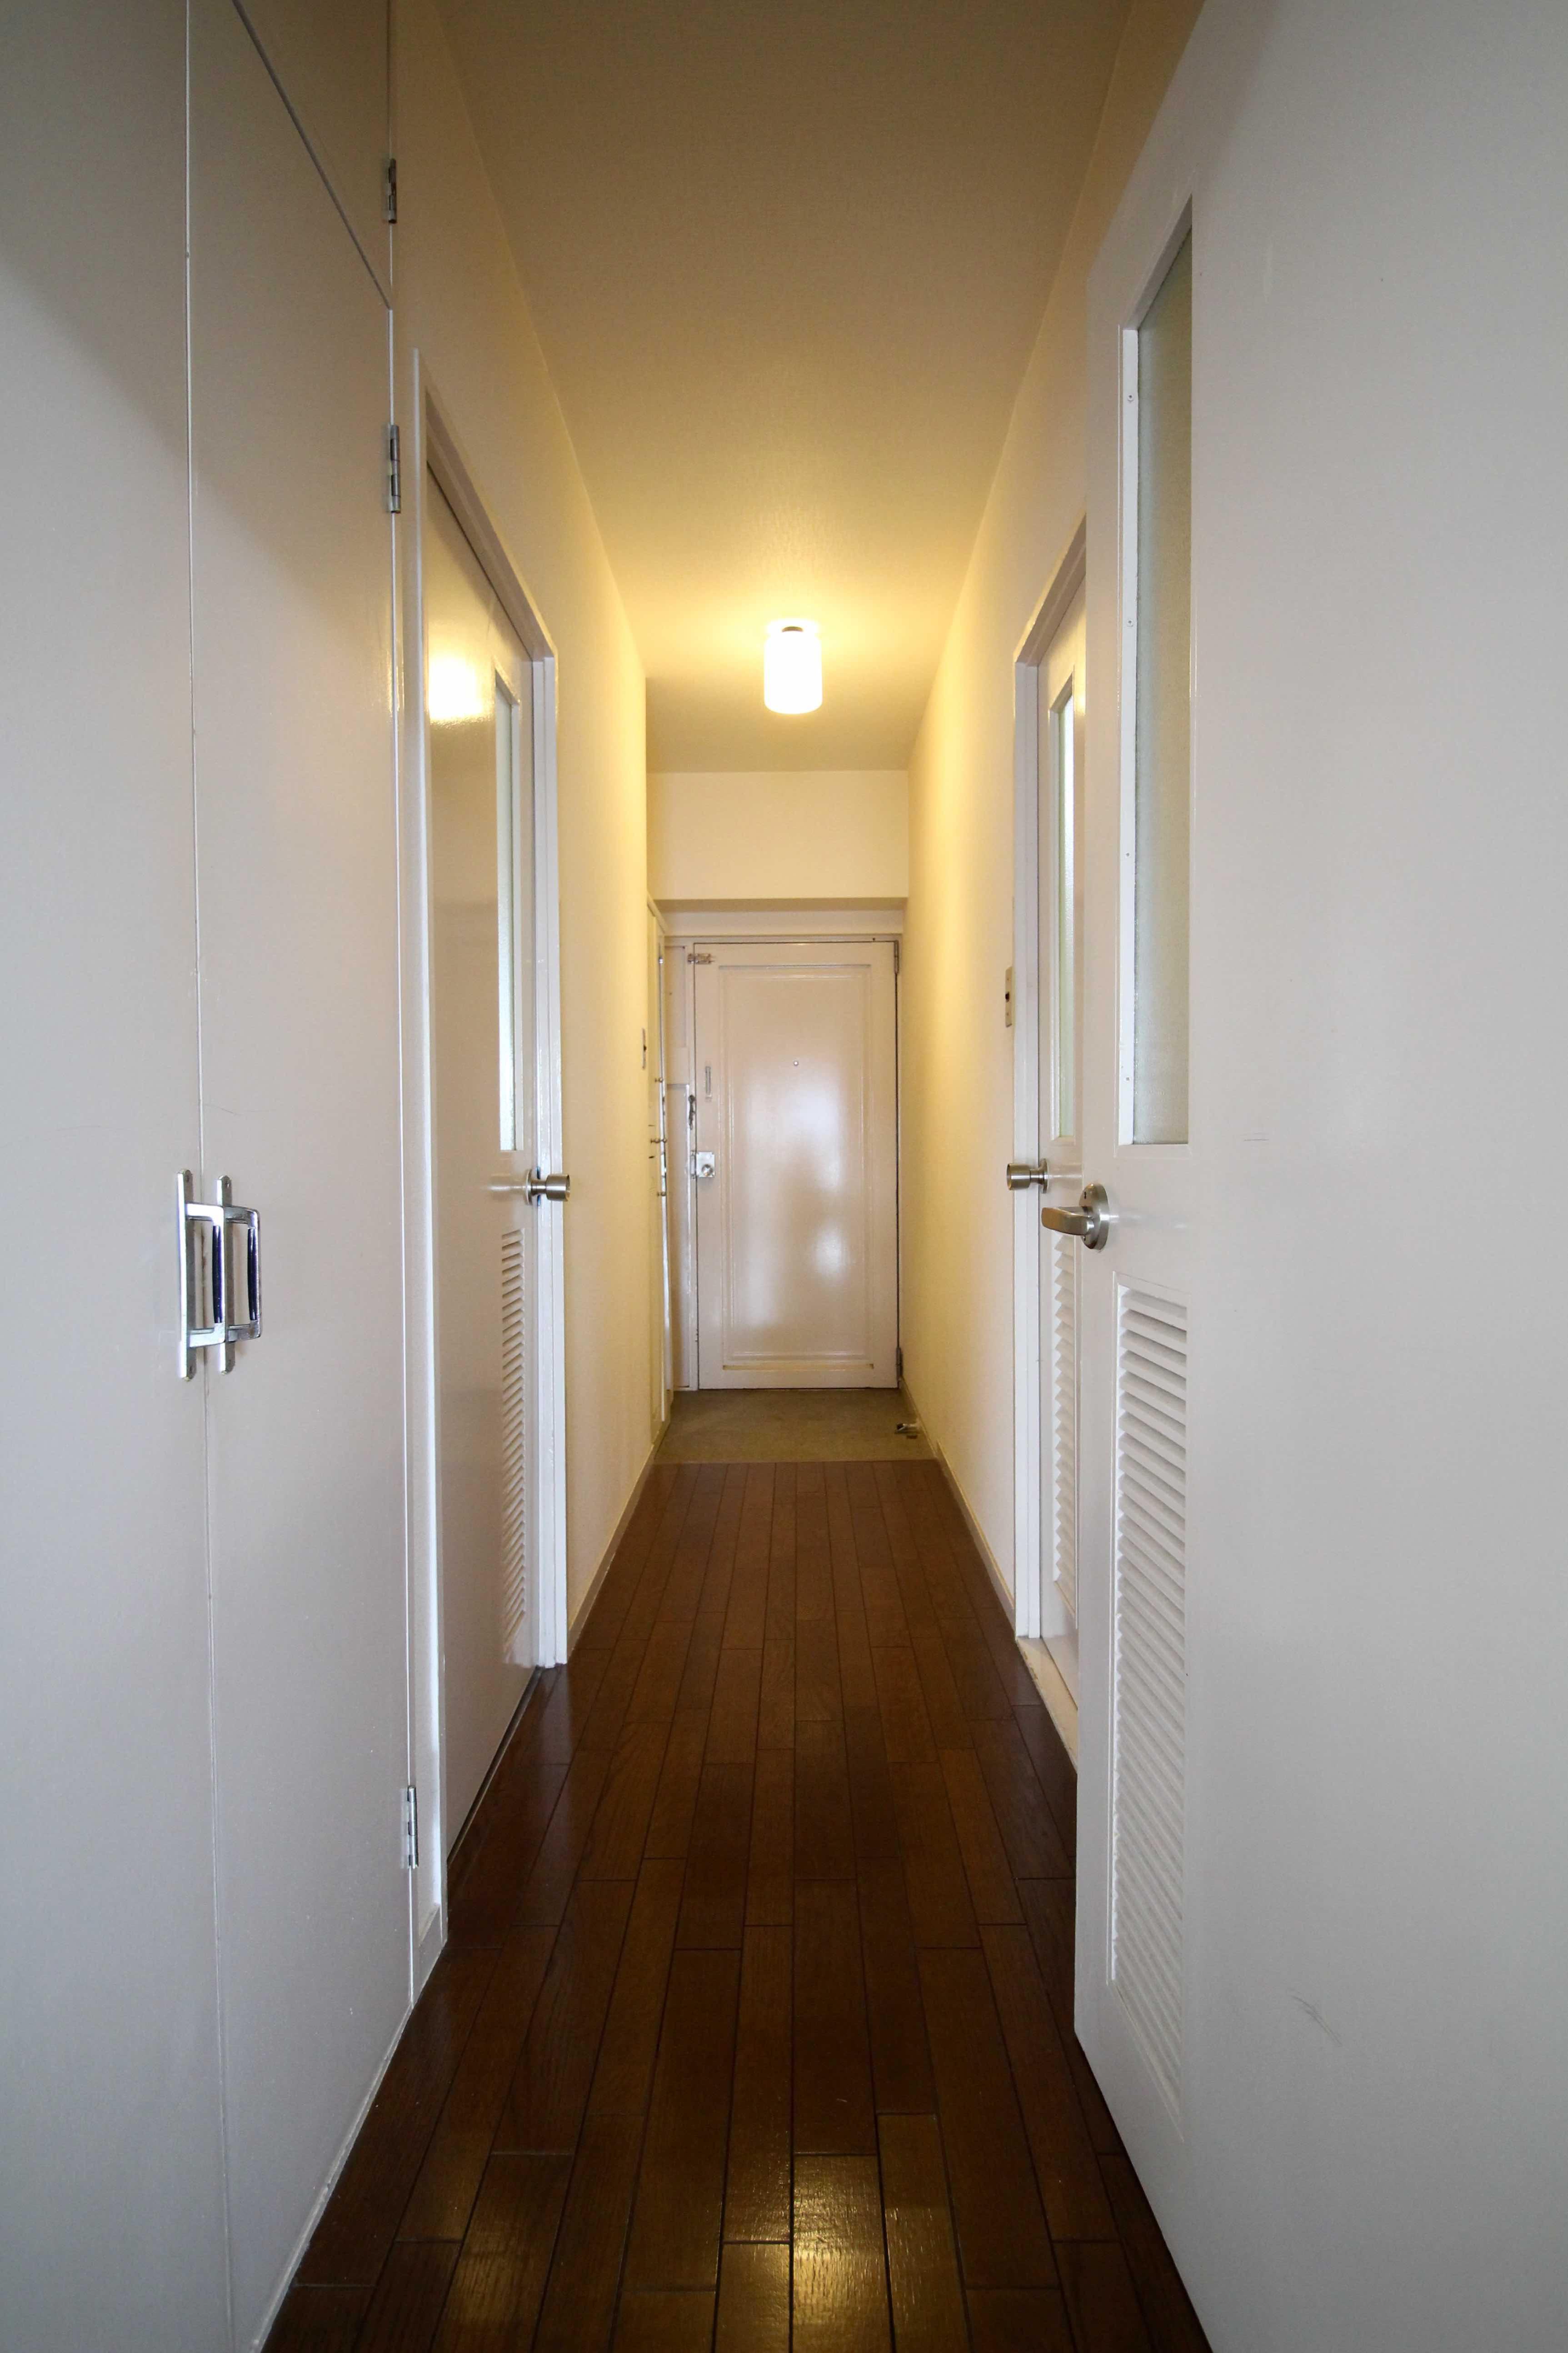 レトロな建具が残る廊下